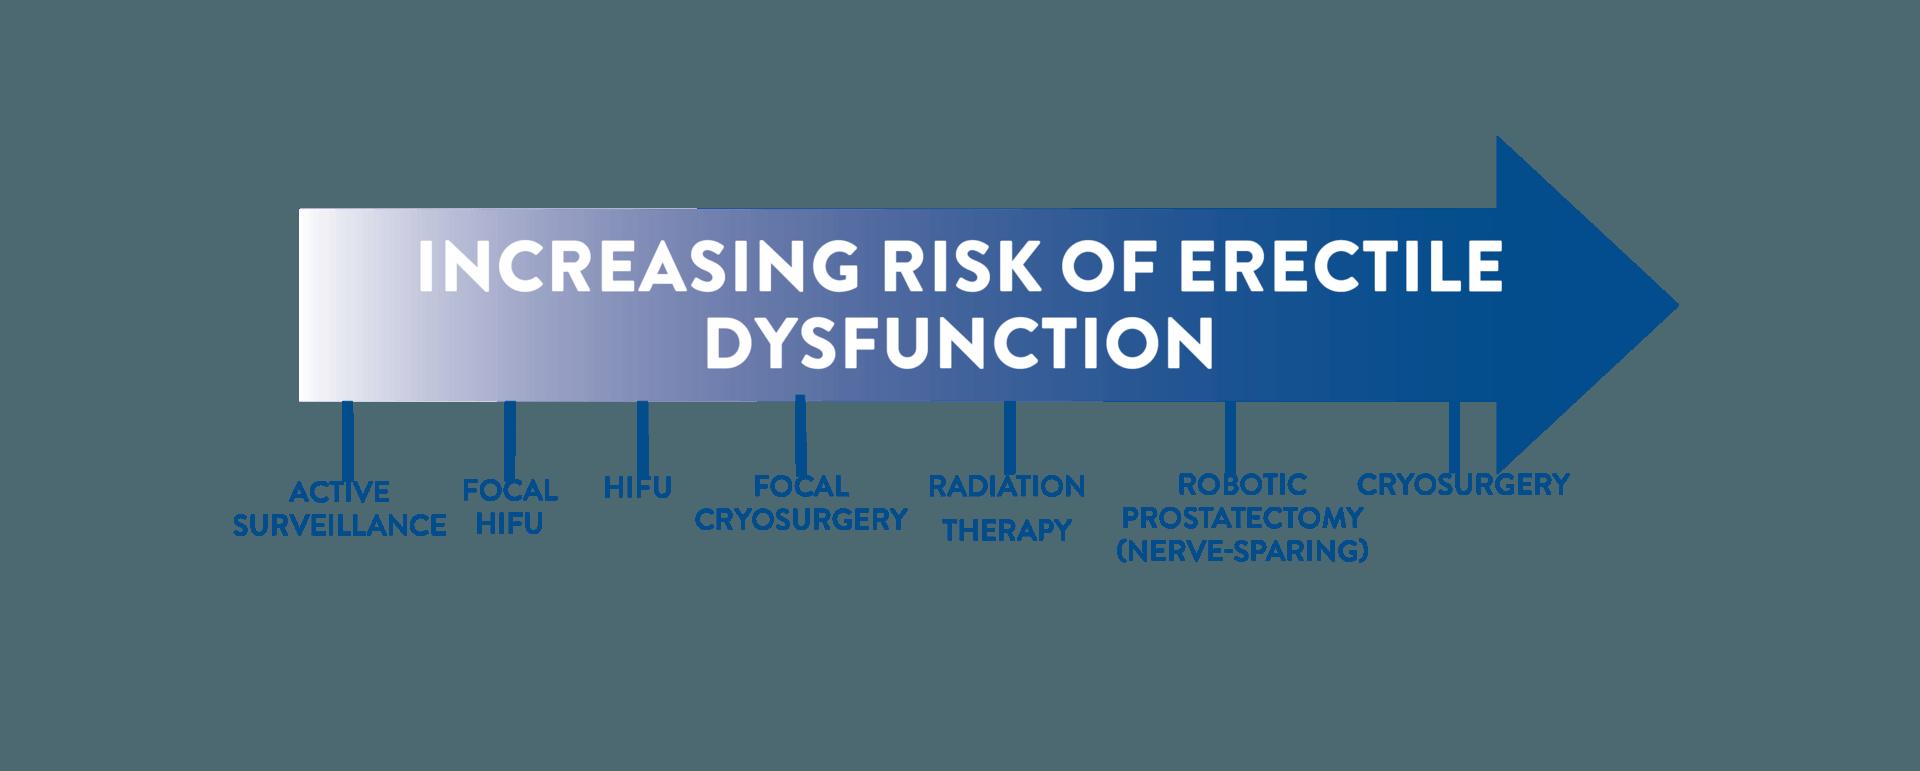 HIFU prostate cancer treatment erectile dysfunction scale Vituro Health